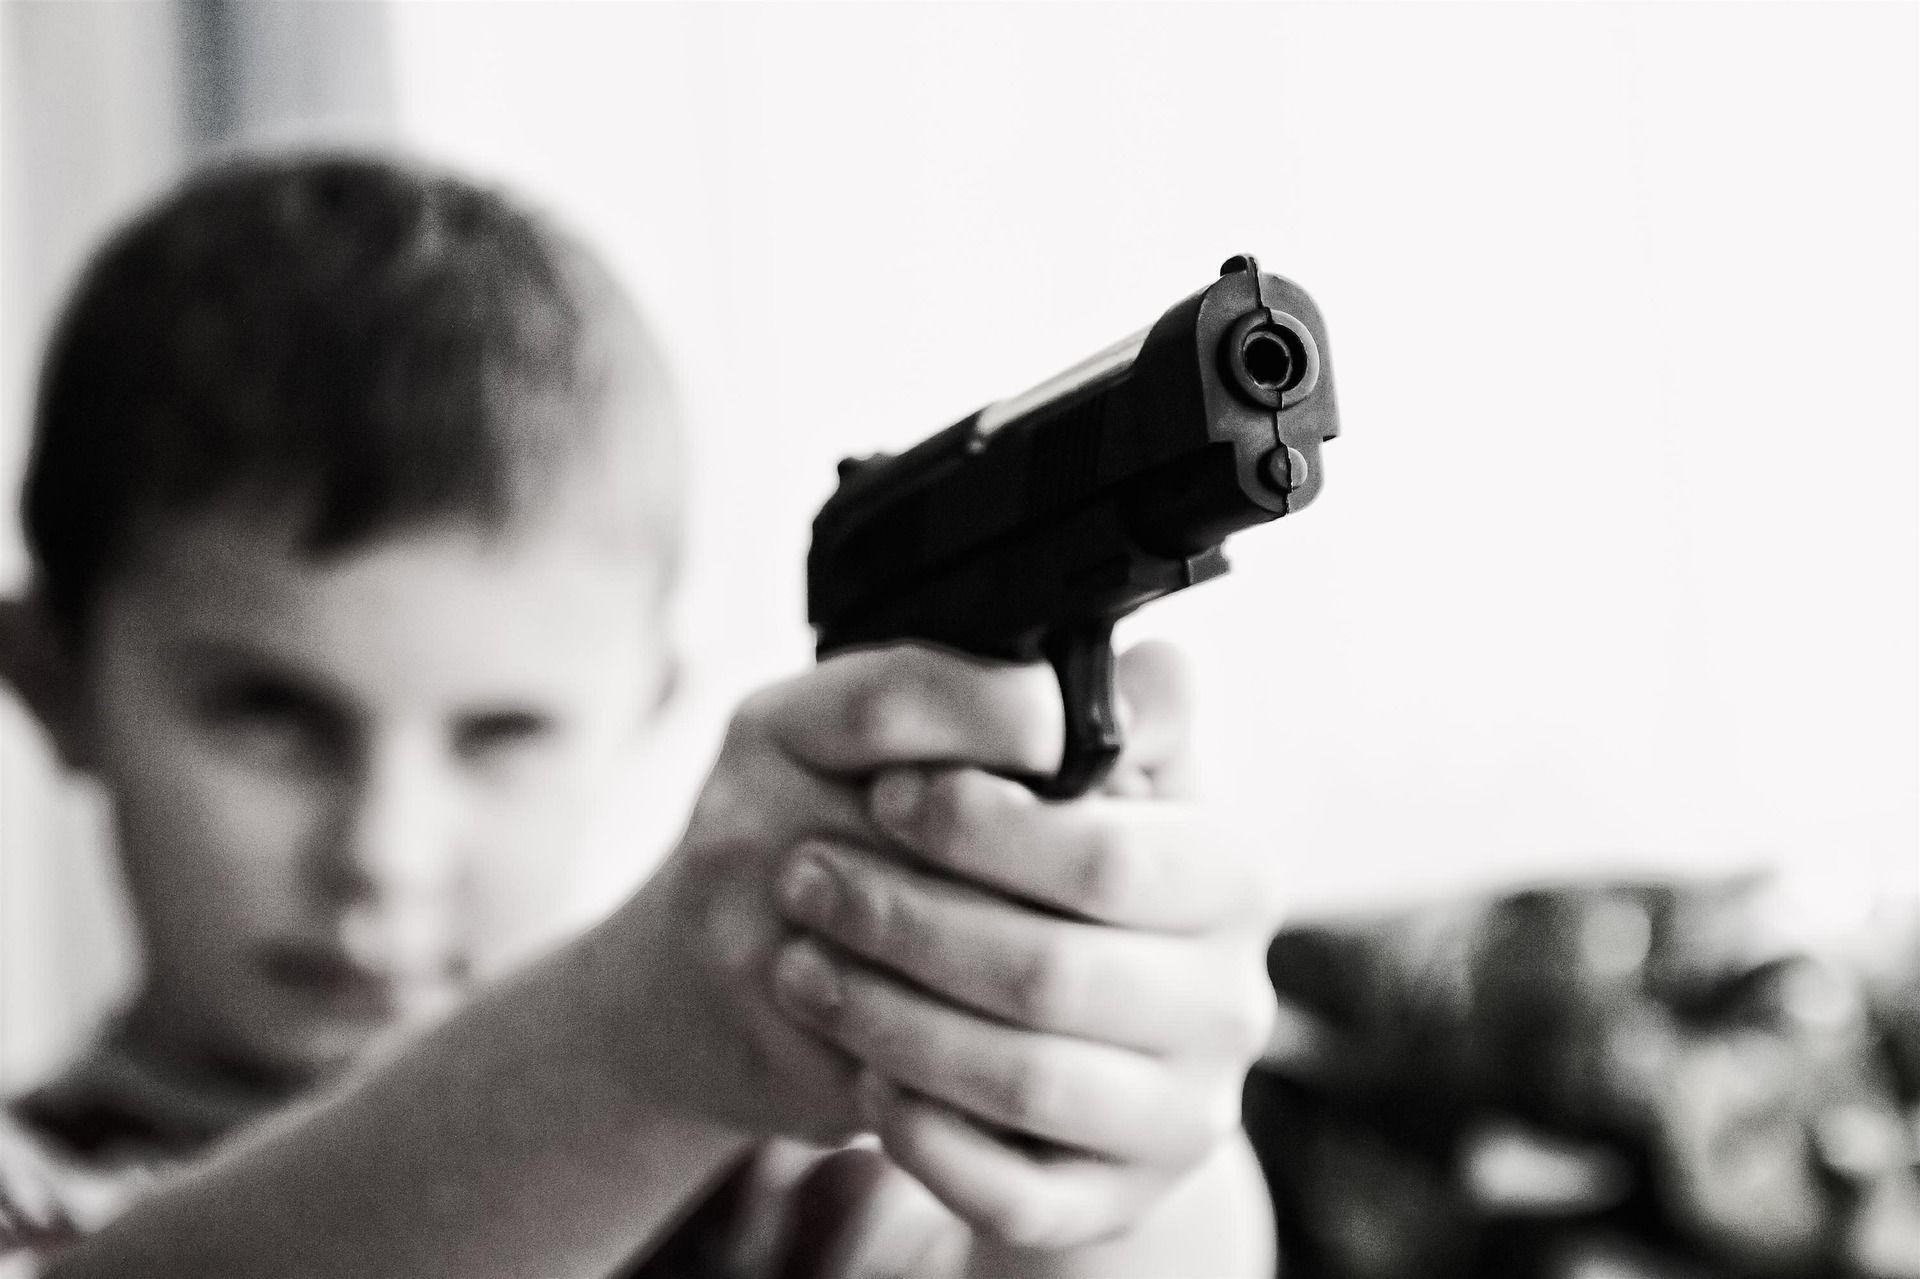 deti a zbrane, zbraň v dome armytraining blog